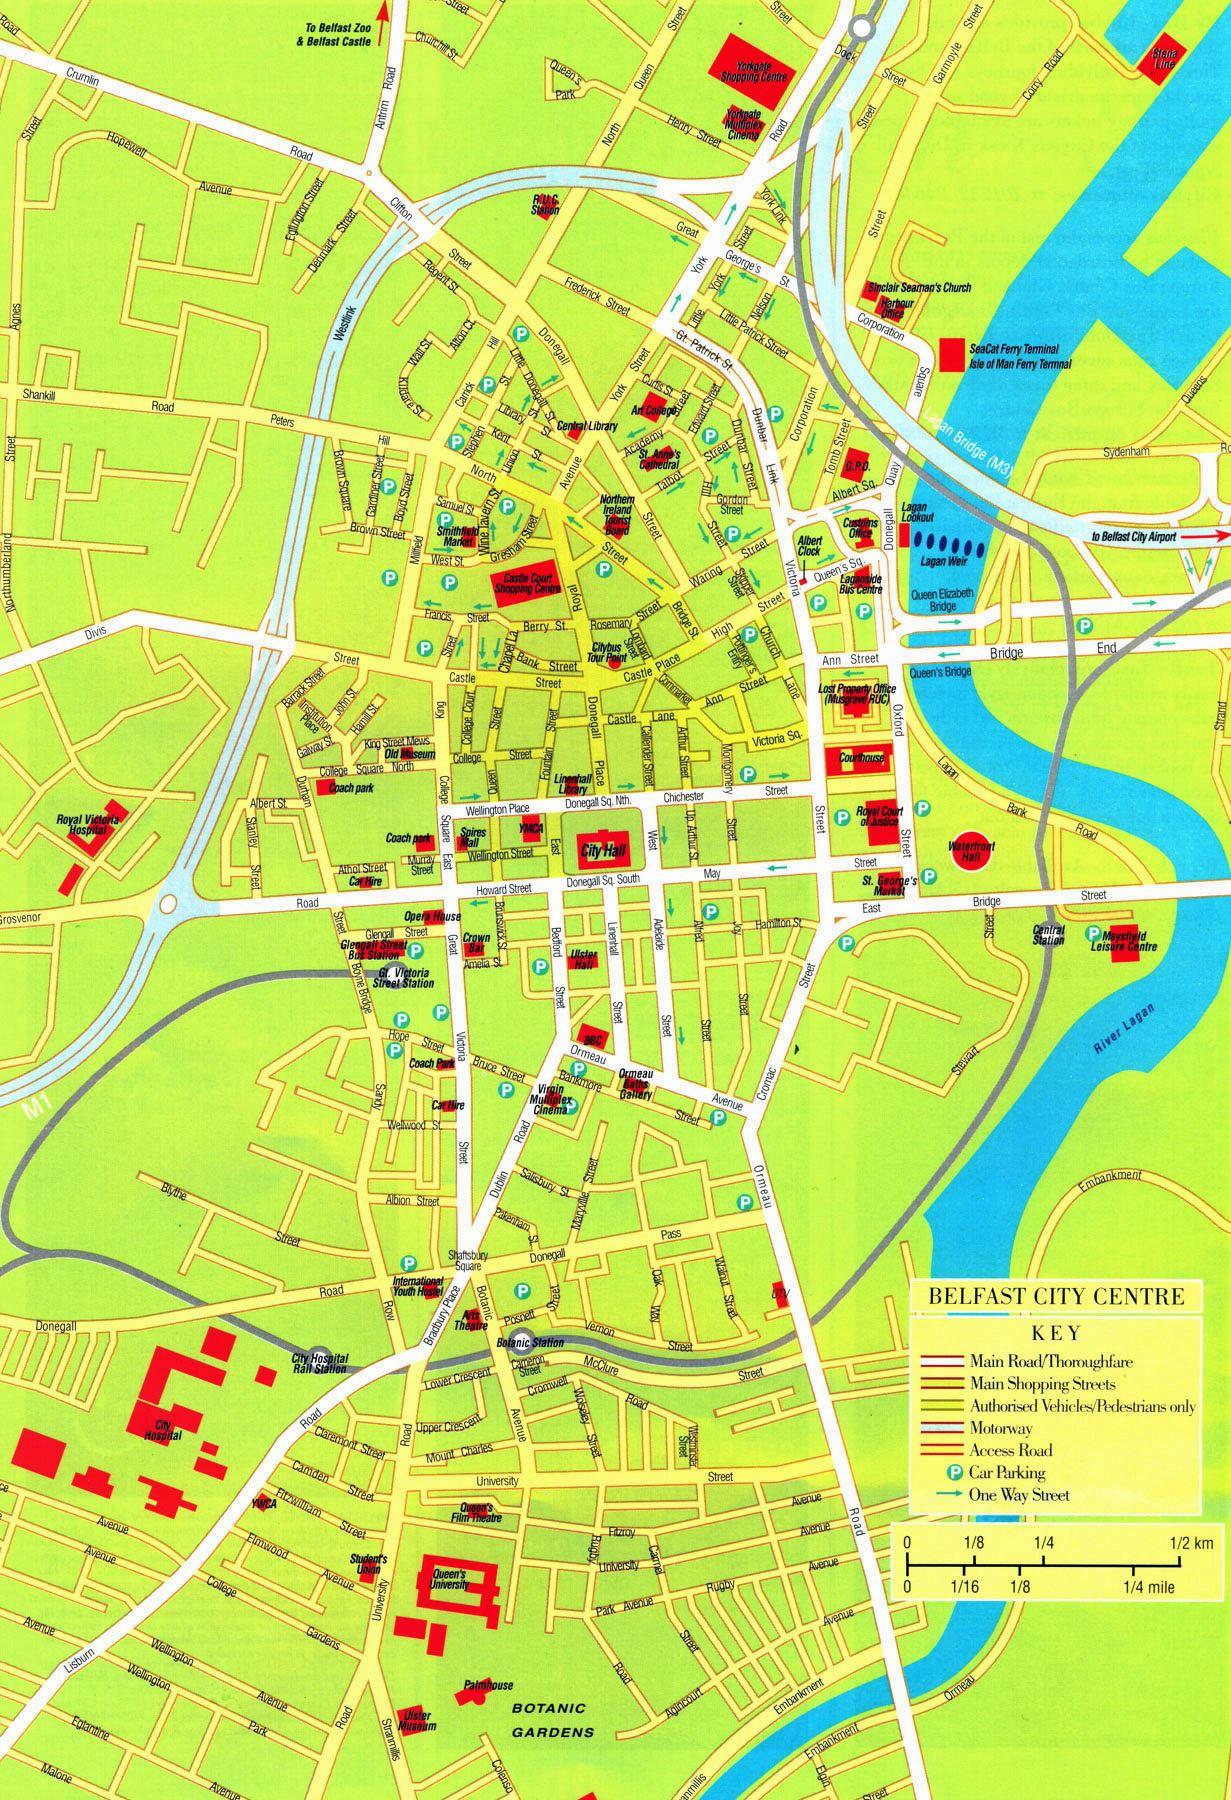 Sehenswürdigkeiten Großbritannien Karte.Stadtplan Von Belfast Detaillierte Gedruckte Karten Von Belfast